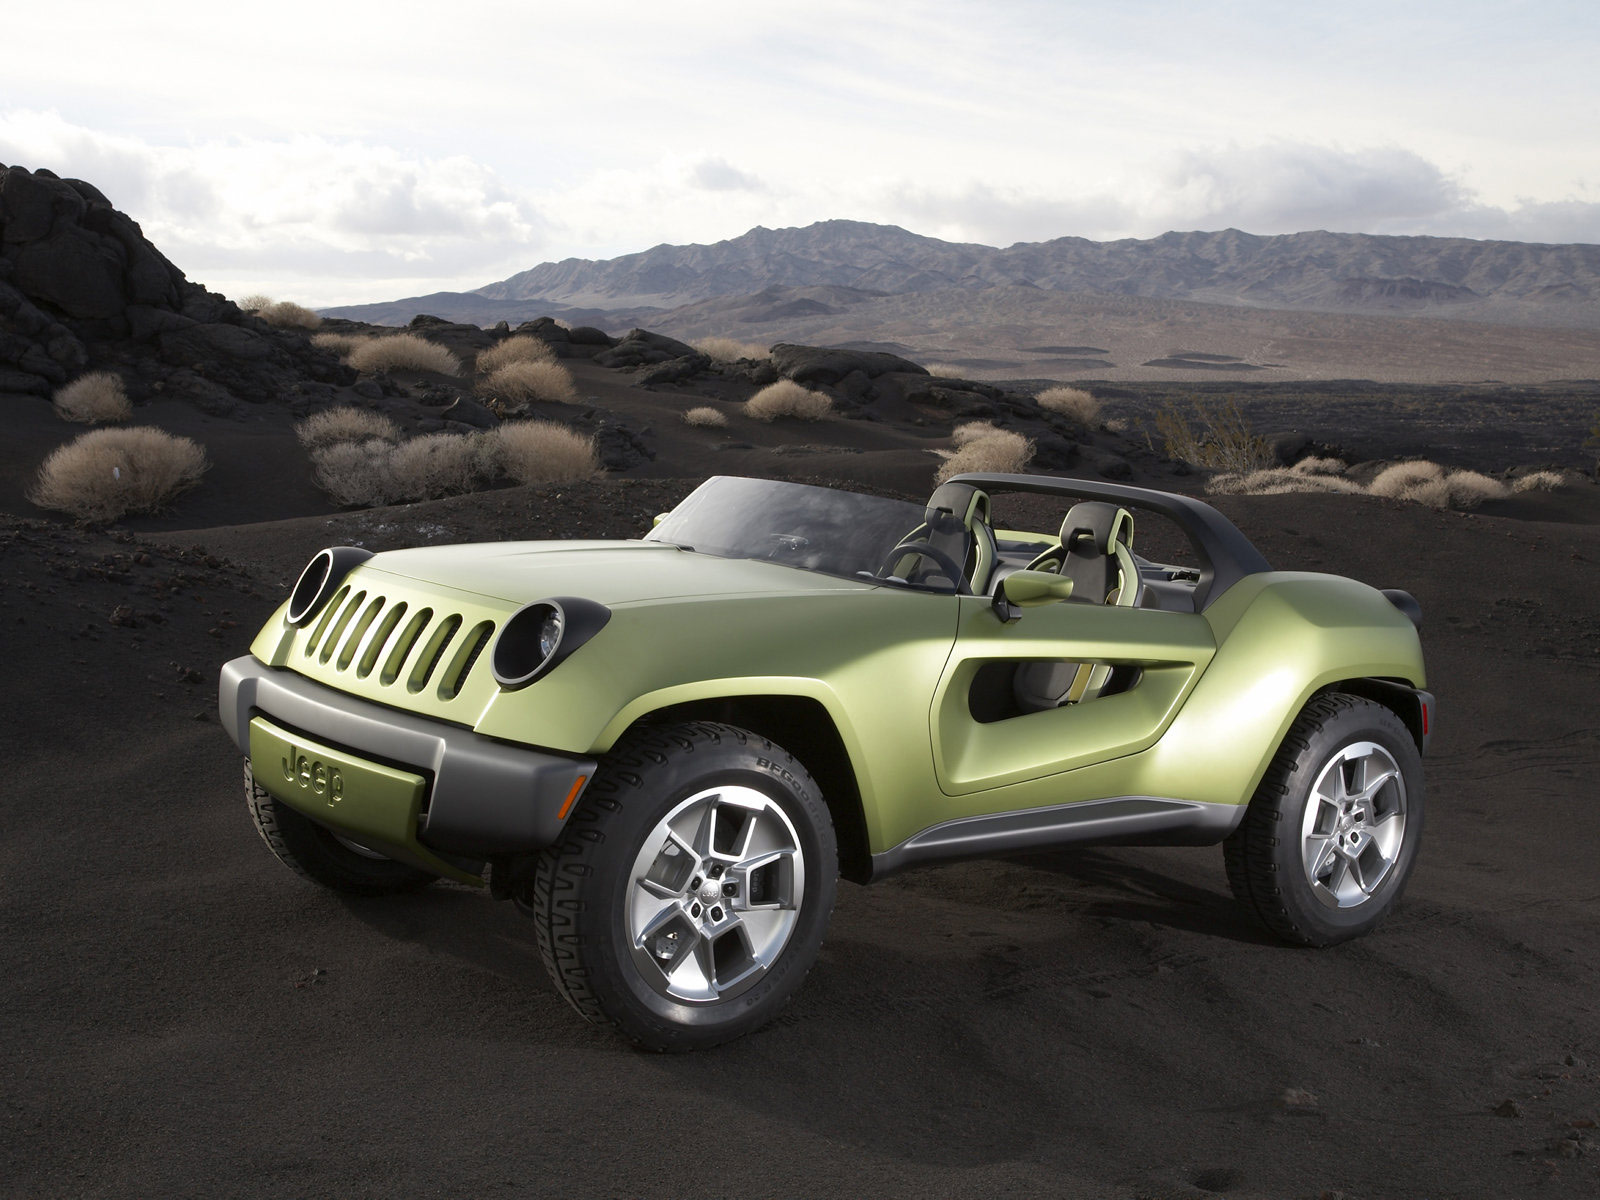 Donavee Chrysler Jeep Donaveechryjeep Profile Pinterest